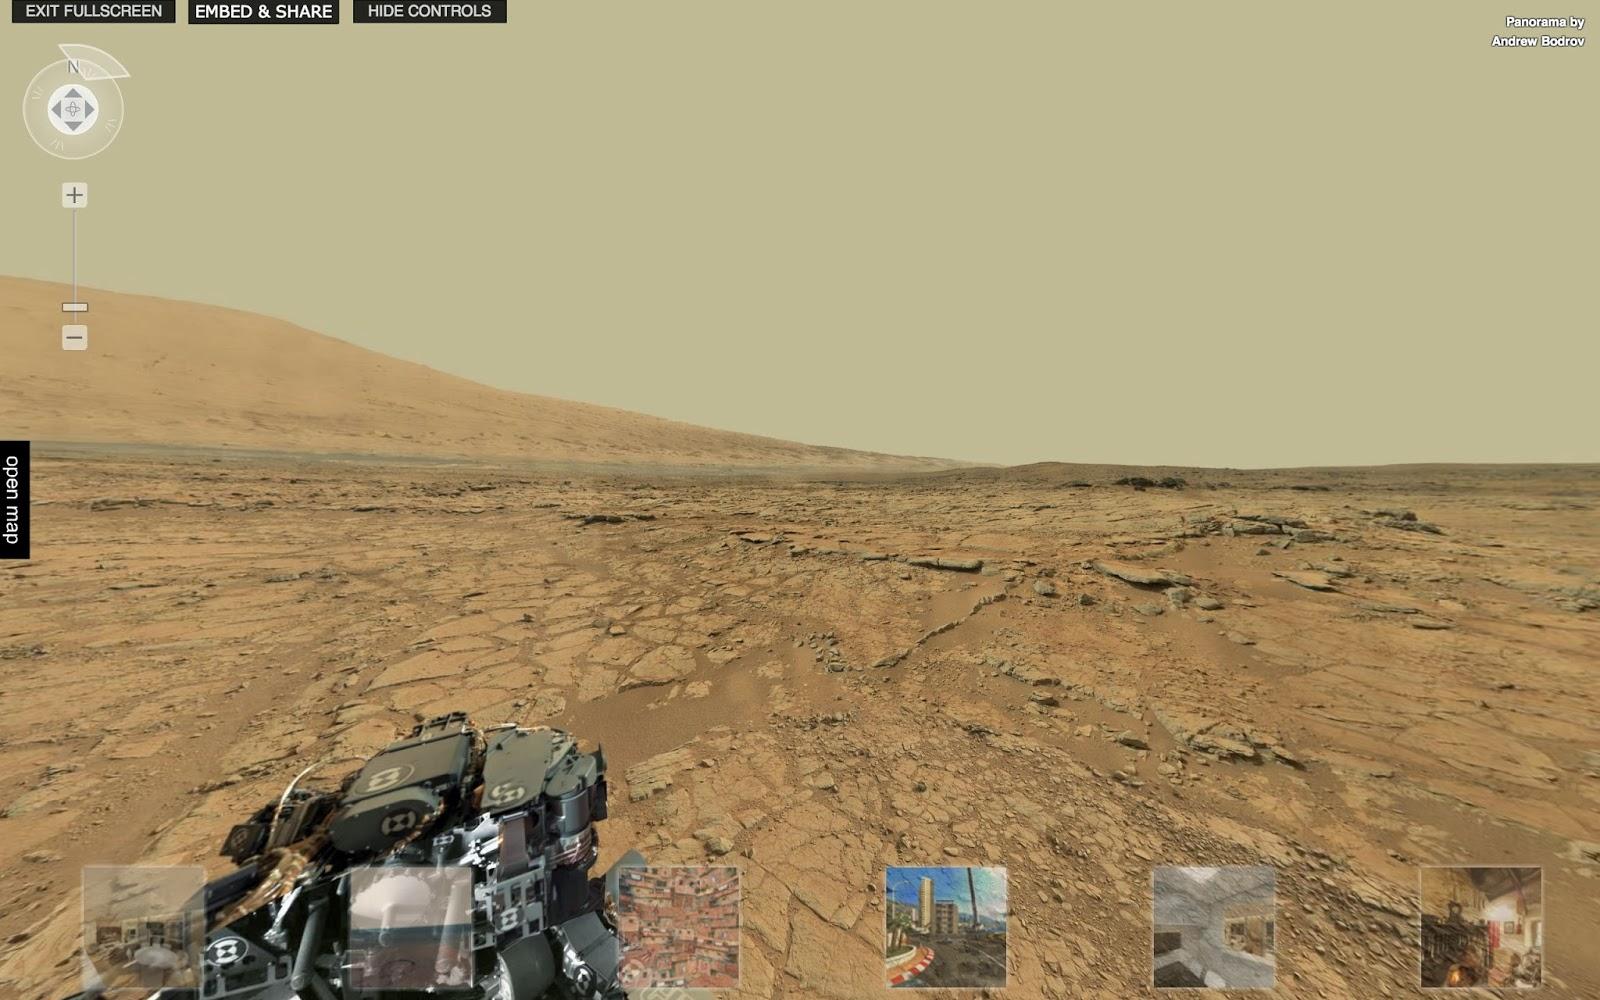 Két gigapixeles panoráma a Marsról